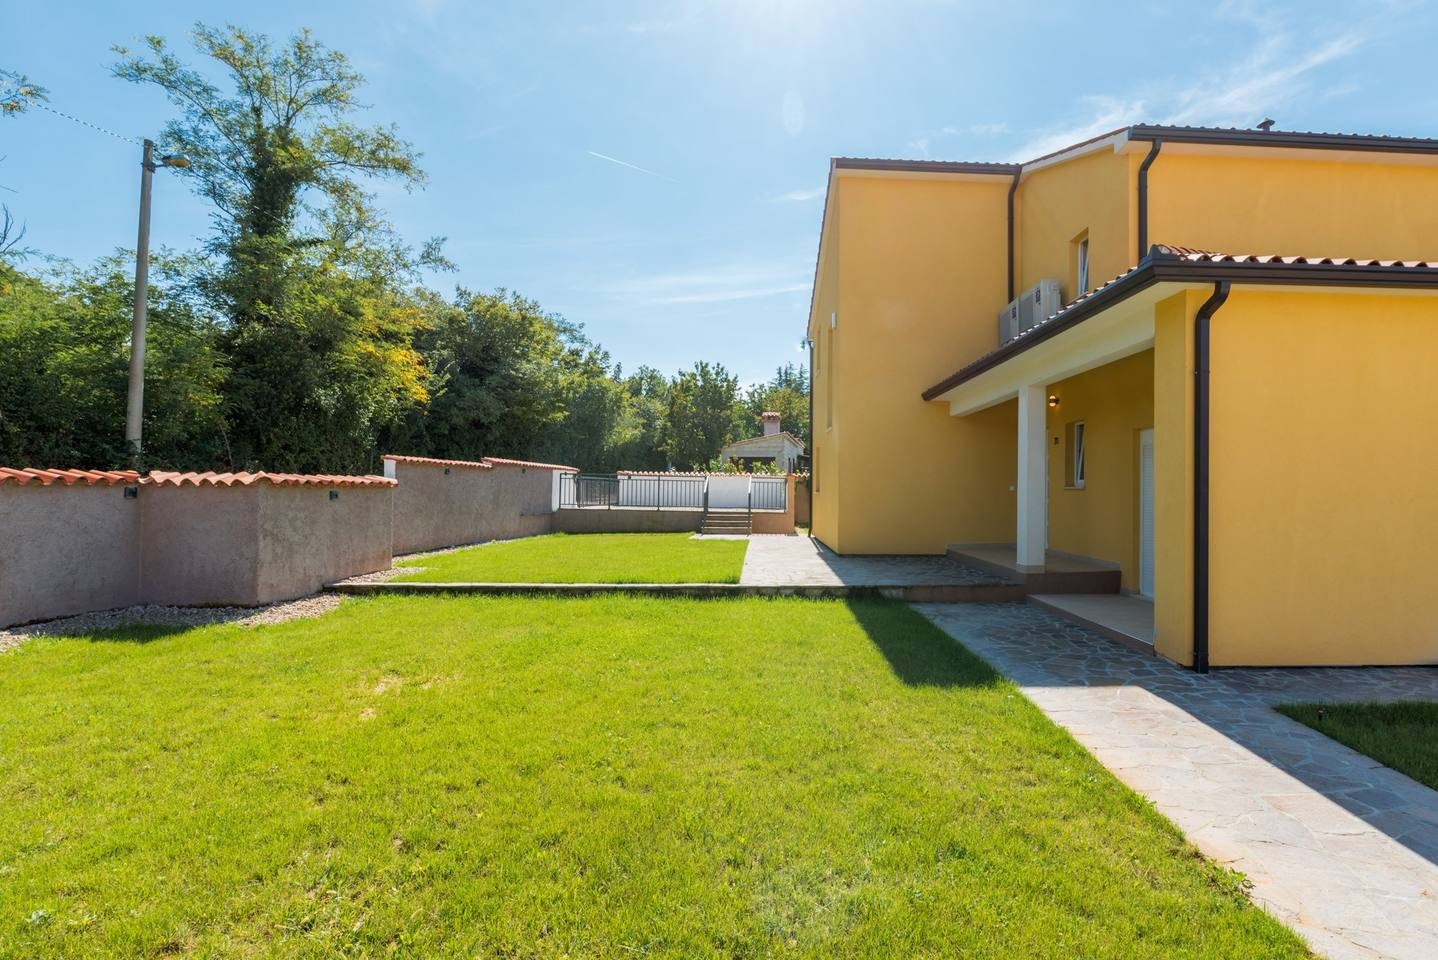 Apartment Villa in Zartinj photo 28495615